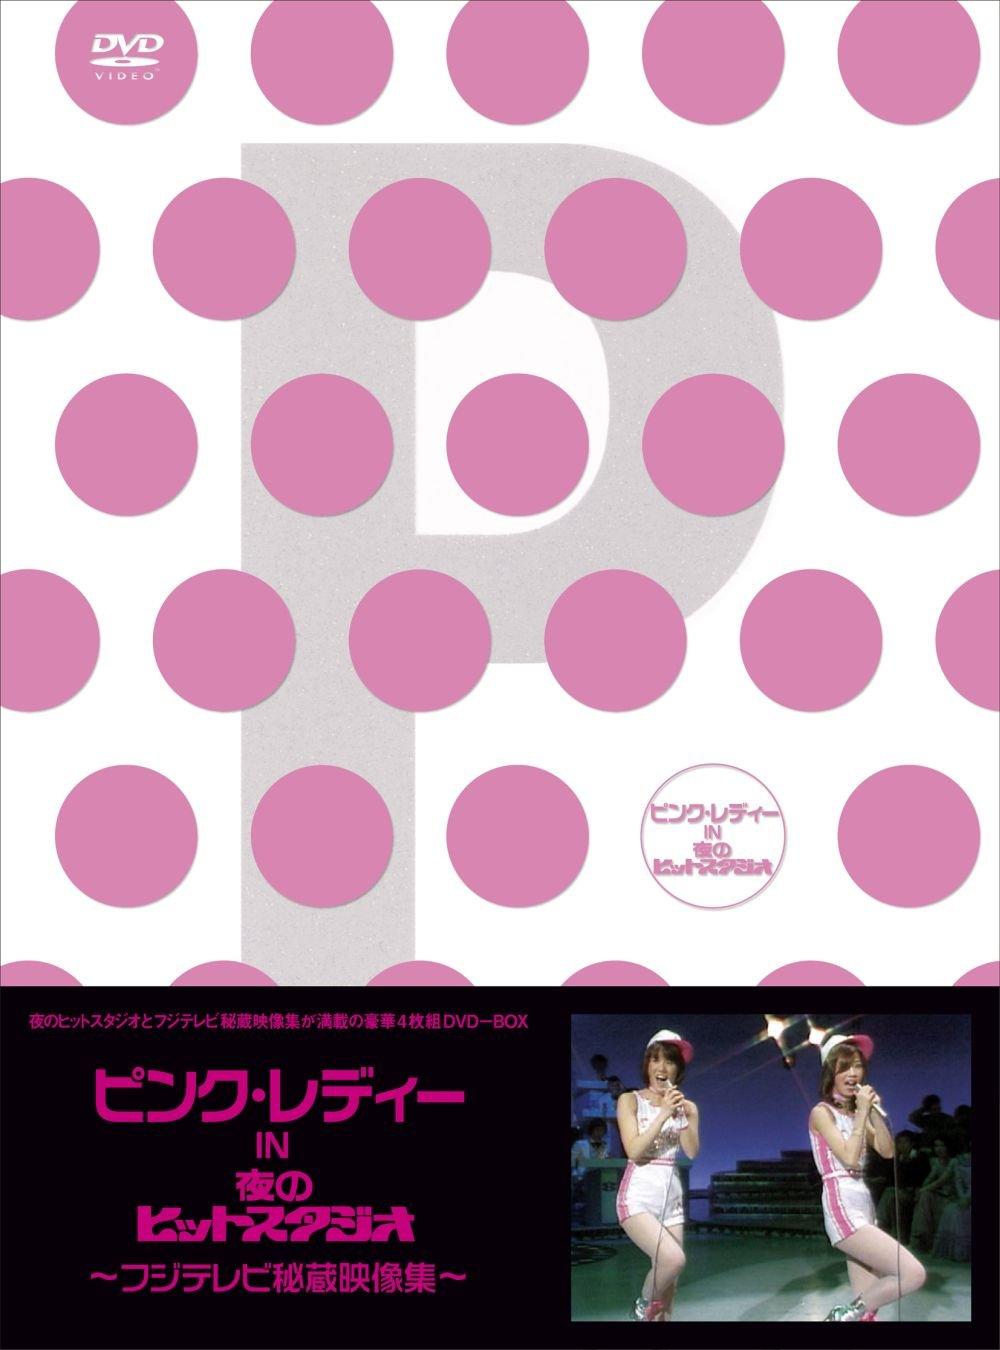 ピンクレディー in 夜のヒットスタジオ~フジテレビ秘蔵映像集~ [DVD] B004S89H54